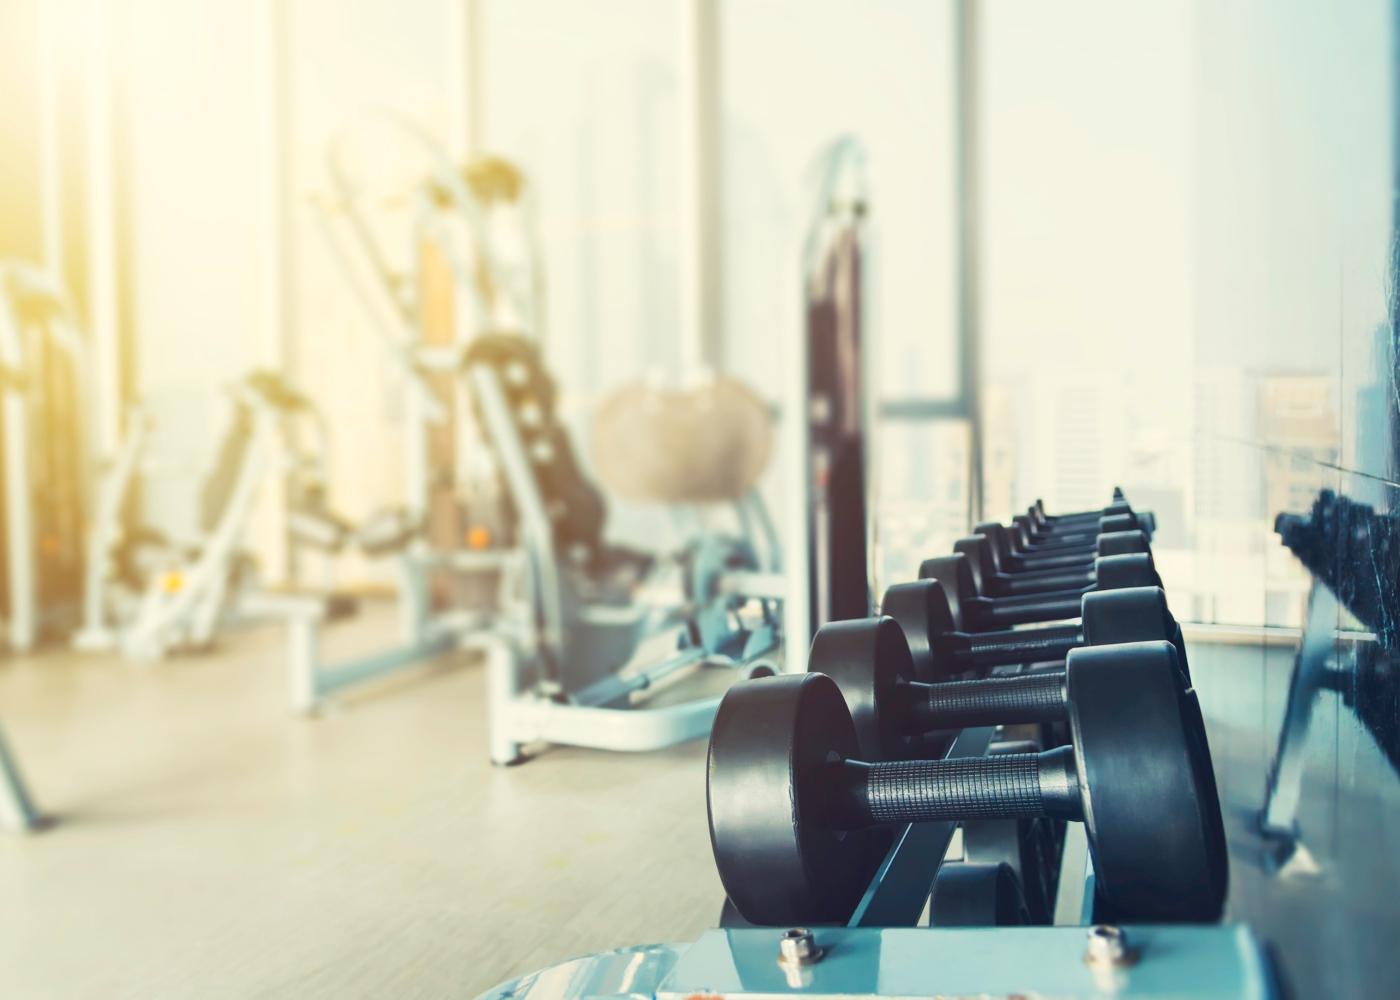 Sala de musculação de ginásio